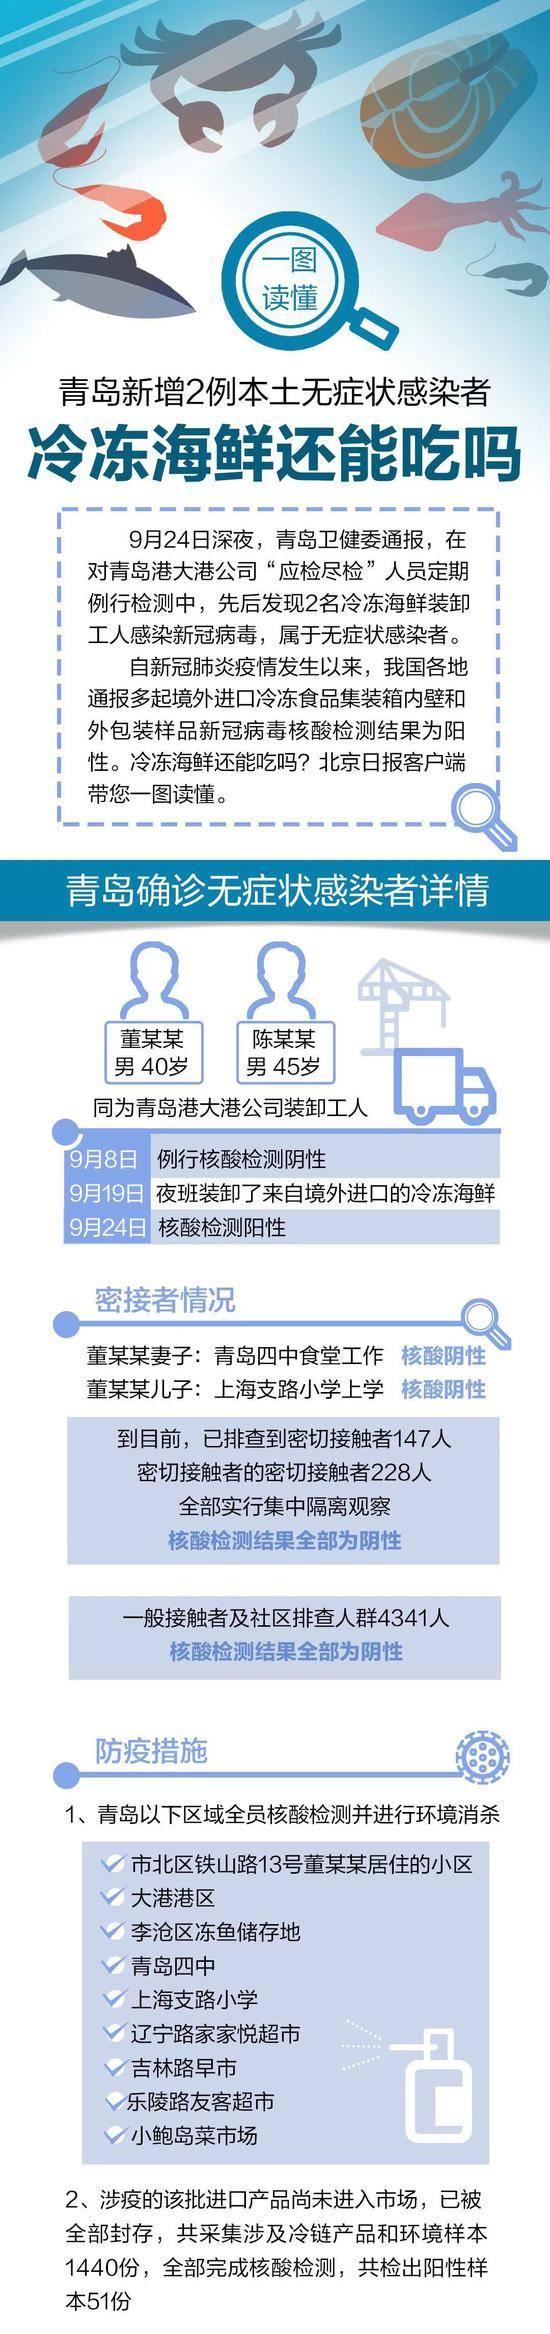 """关于青岛最新疫情:两个细节、四个""""全部""""让人安心"""